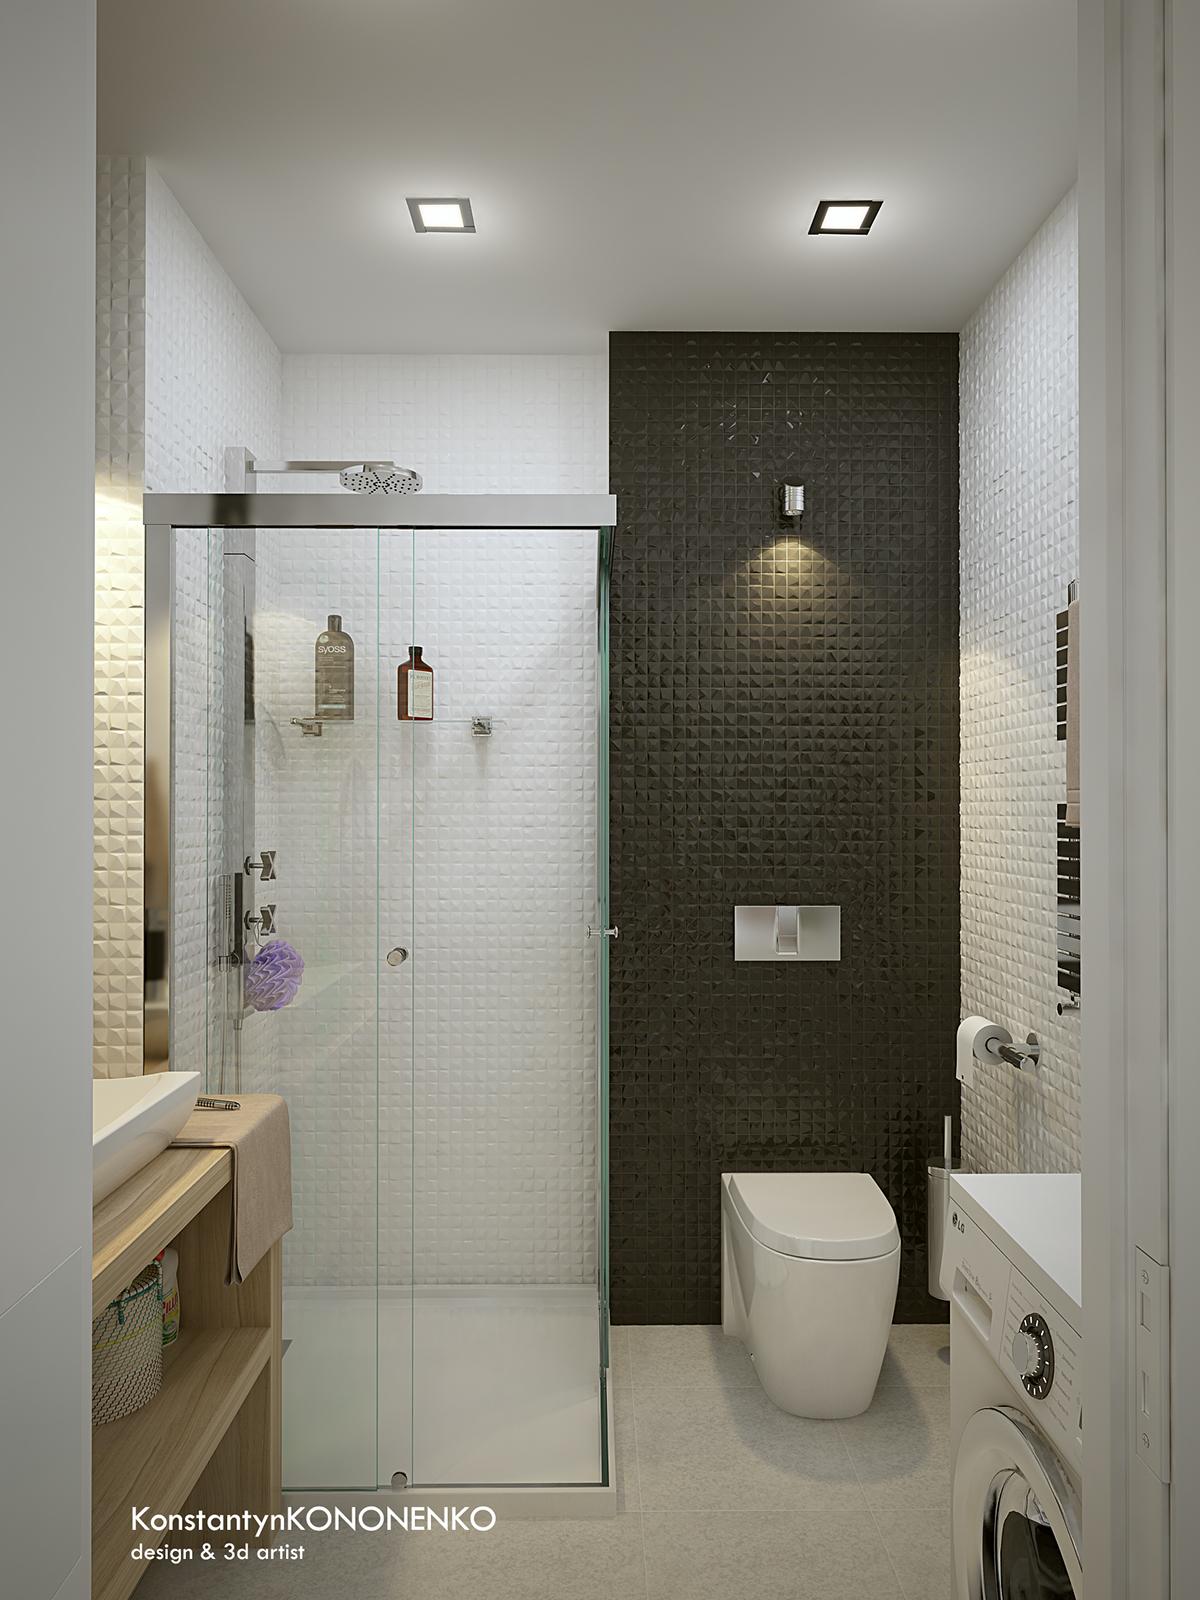 Интерьер маленькой квартиры в контрастных тонах - санузел